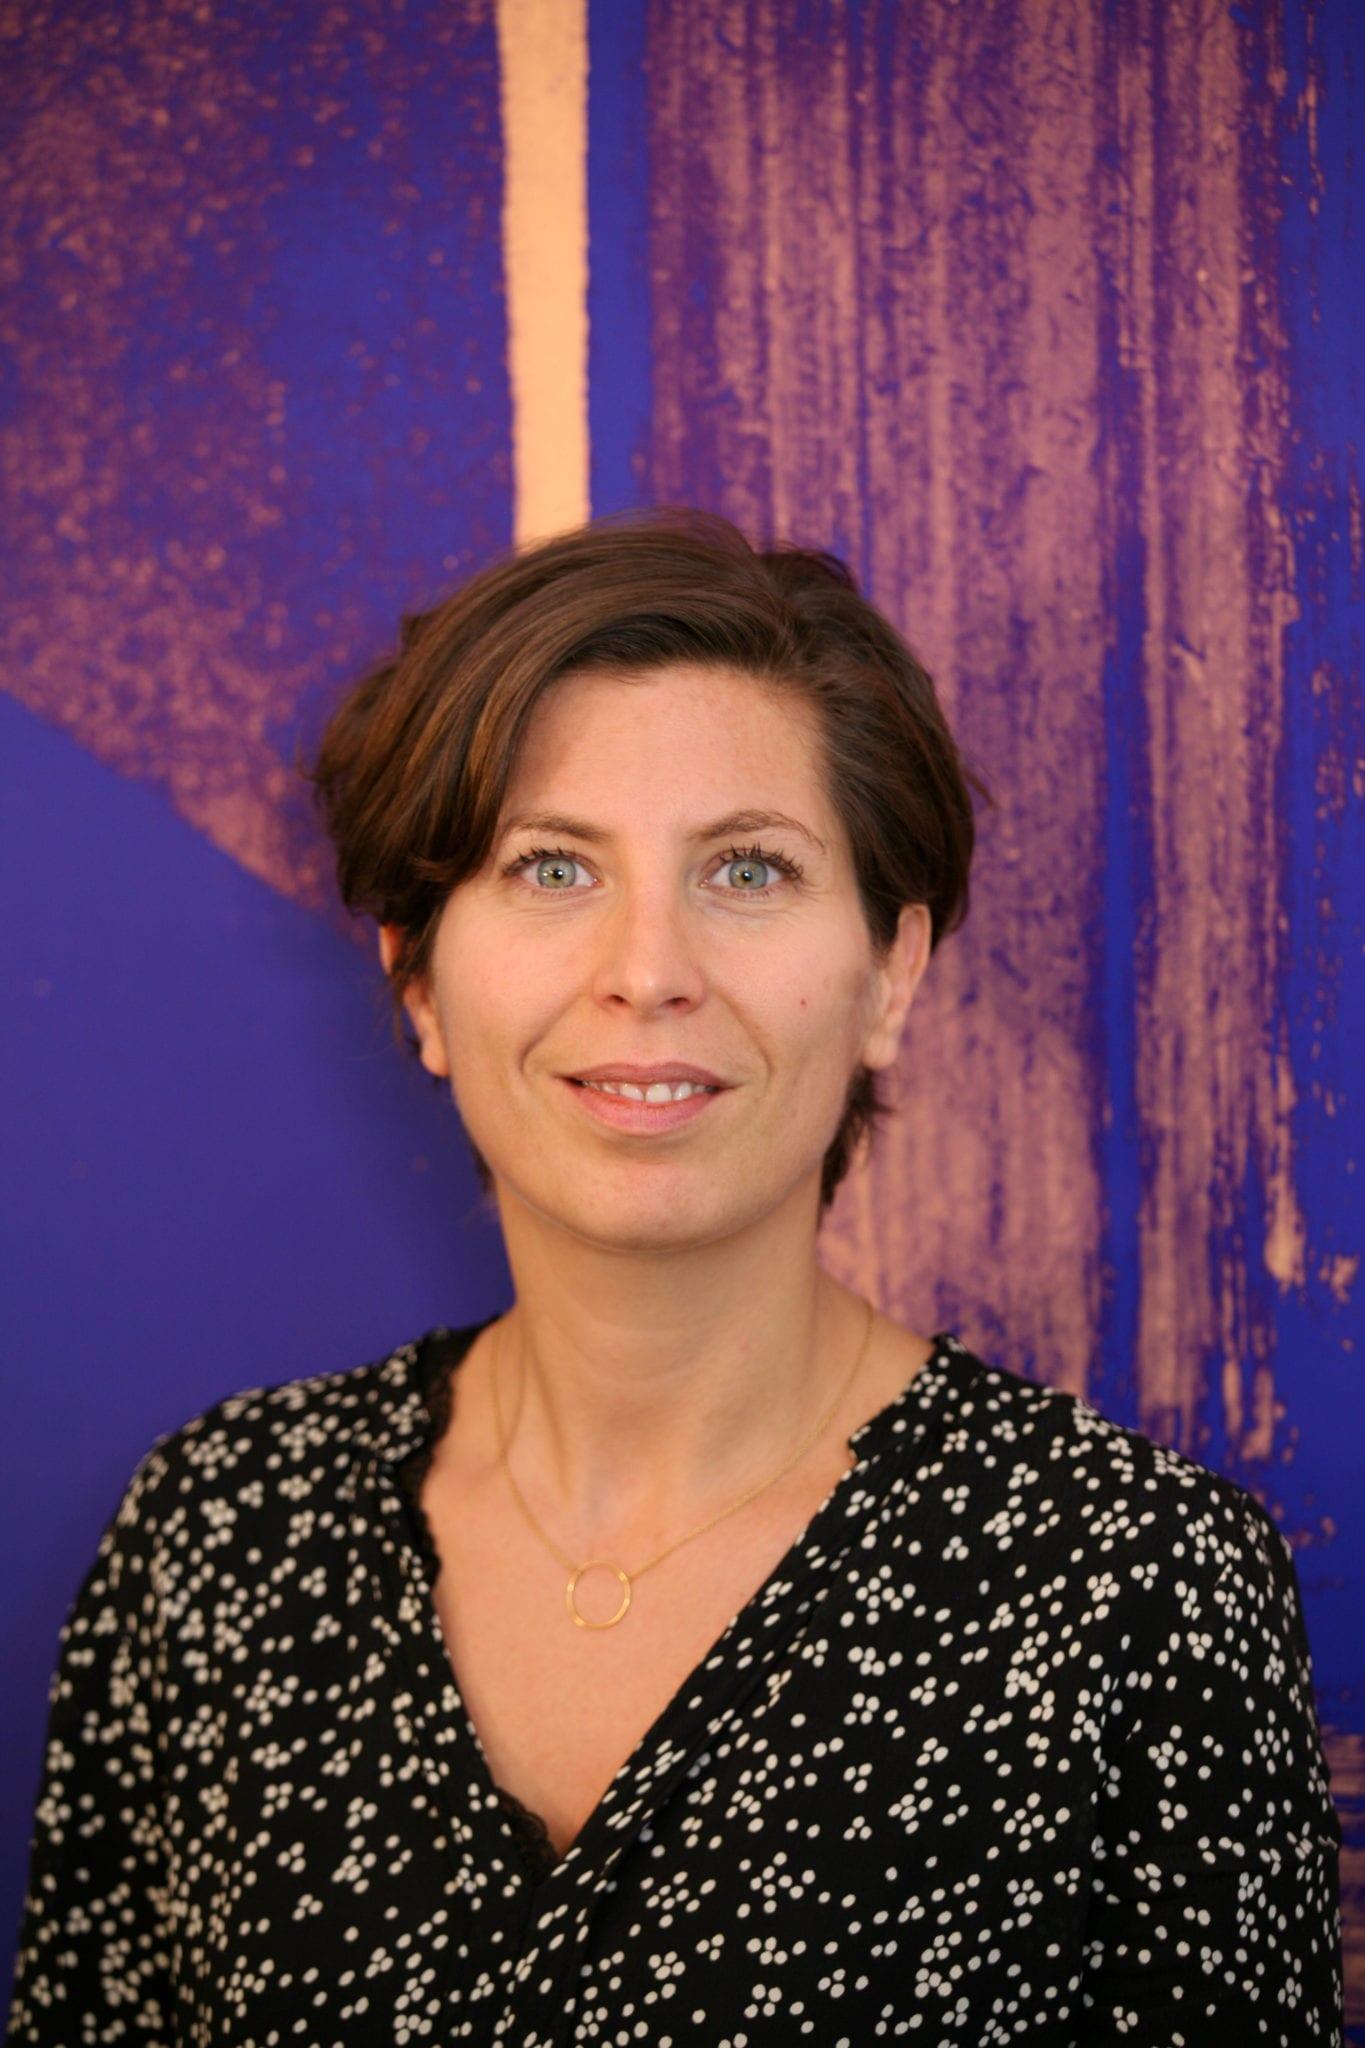 Lucie Bellon